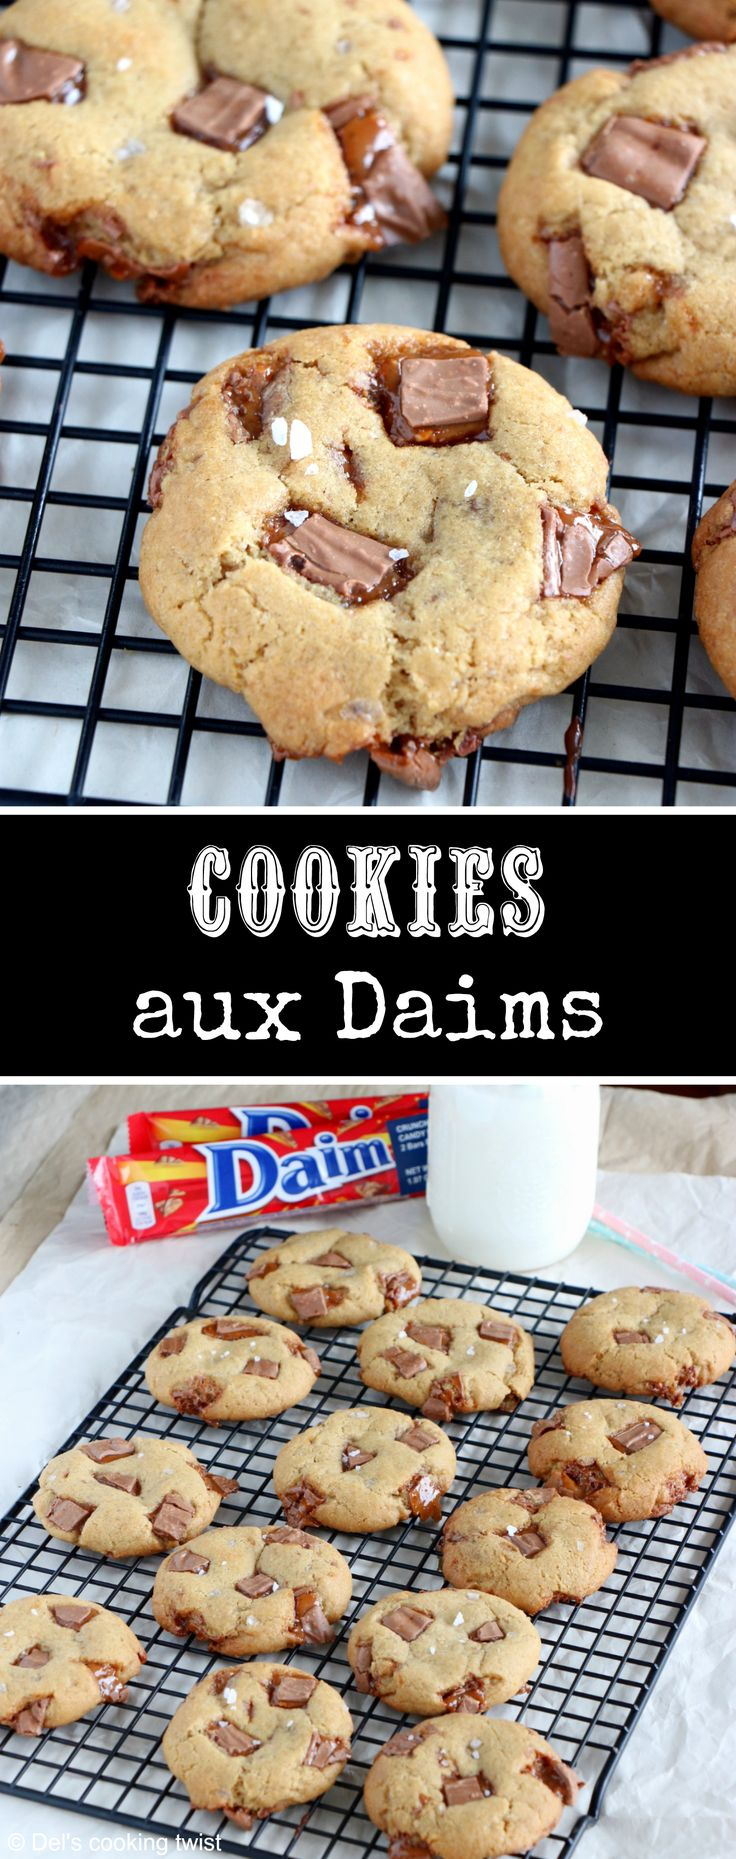 Cookies aux Daims - Réalisés avec les barres de chocolat suédoises Daim, ces cookies au chocolat au lait et au caramel sont la perfection même. | Del's cooking twist